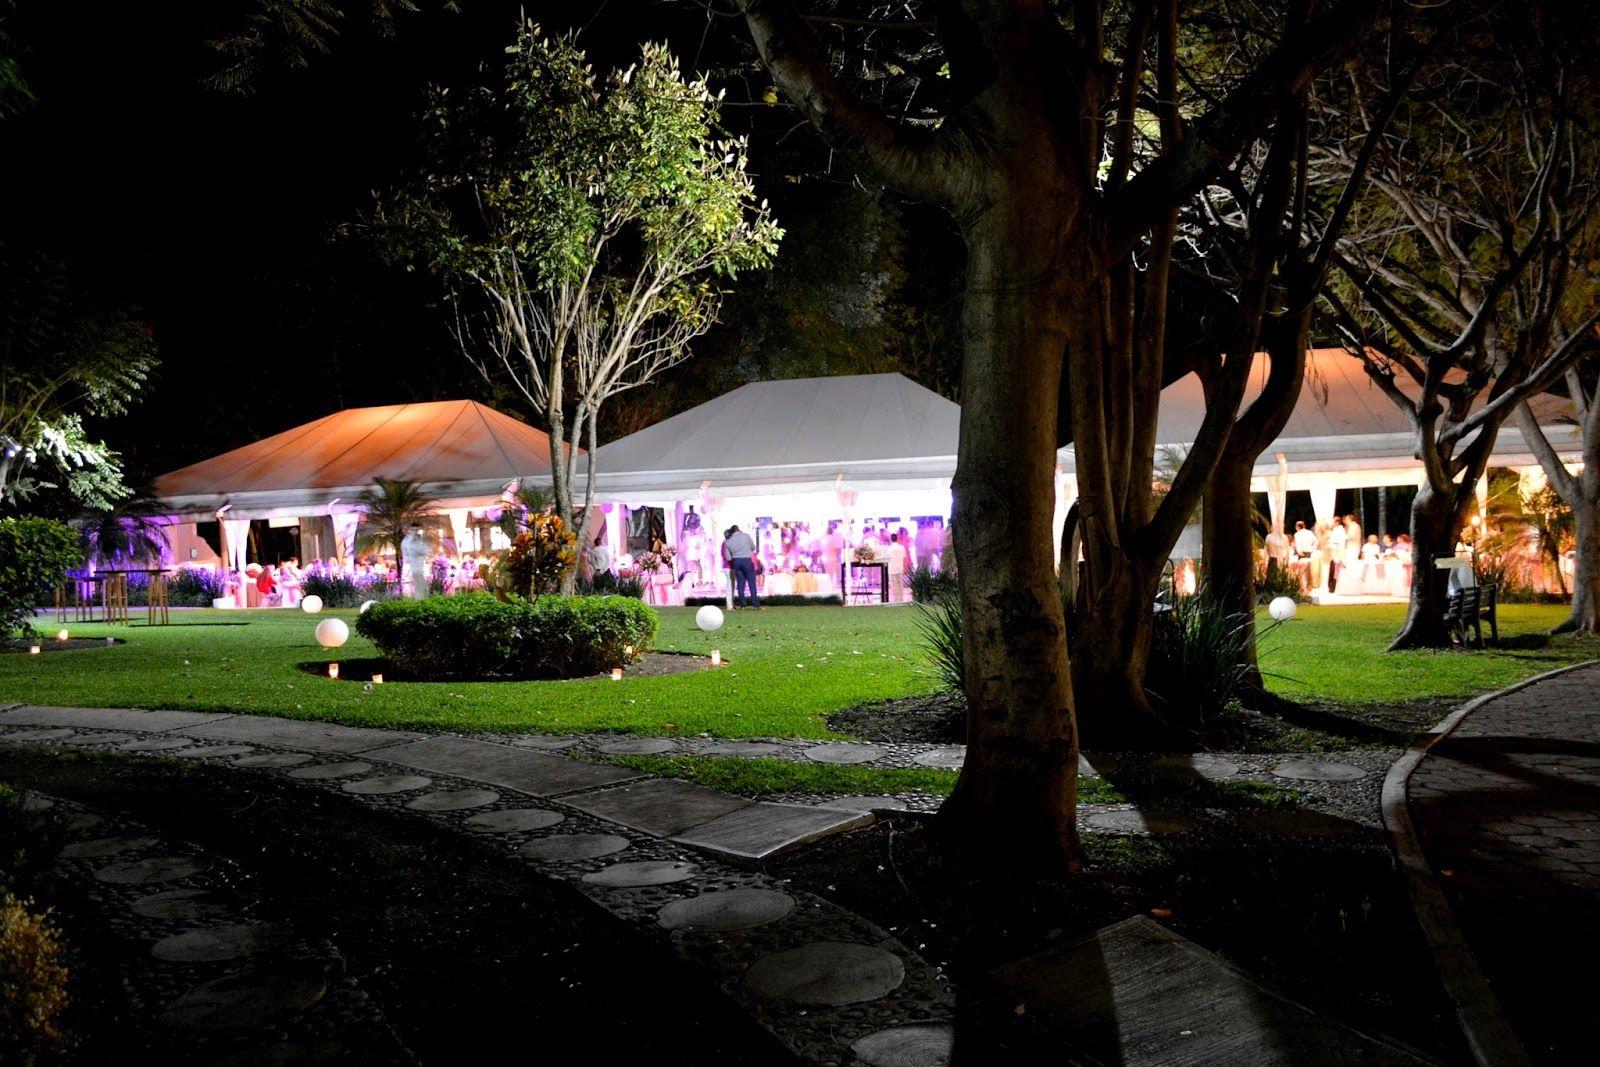 QUINTA PAVO REAL DEL RINCON - JARDÍN DE EVENTOS: #Labodadeldía: Brenda y Manuel